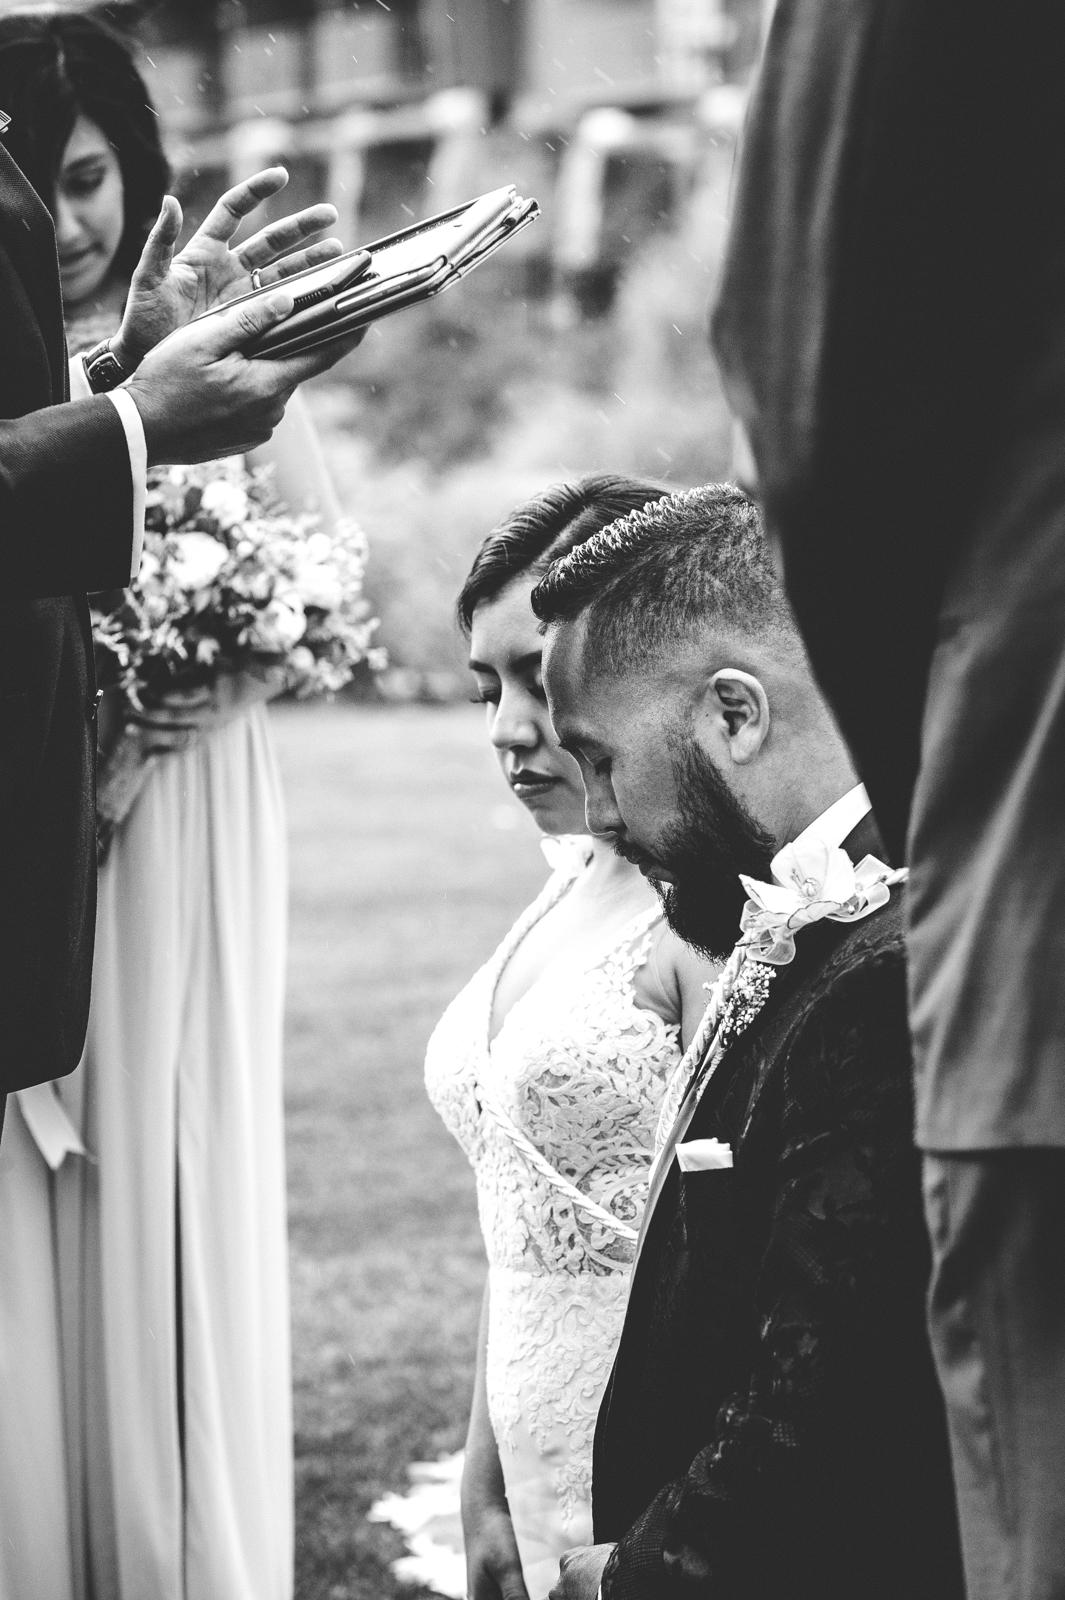 ChadFahnestockPhotography-wedding-photography-portfolio-013.jpg